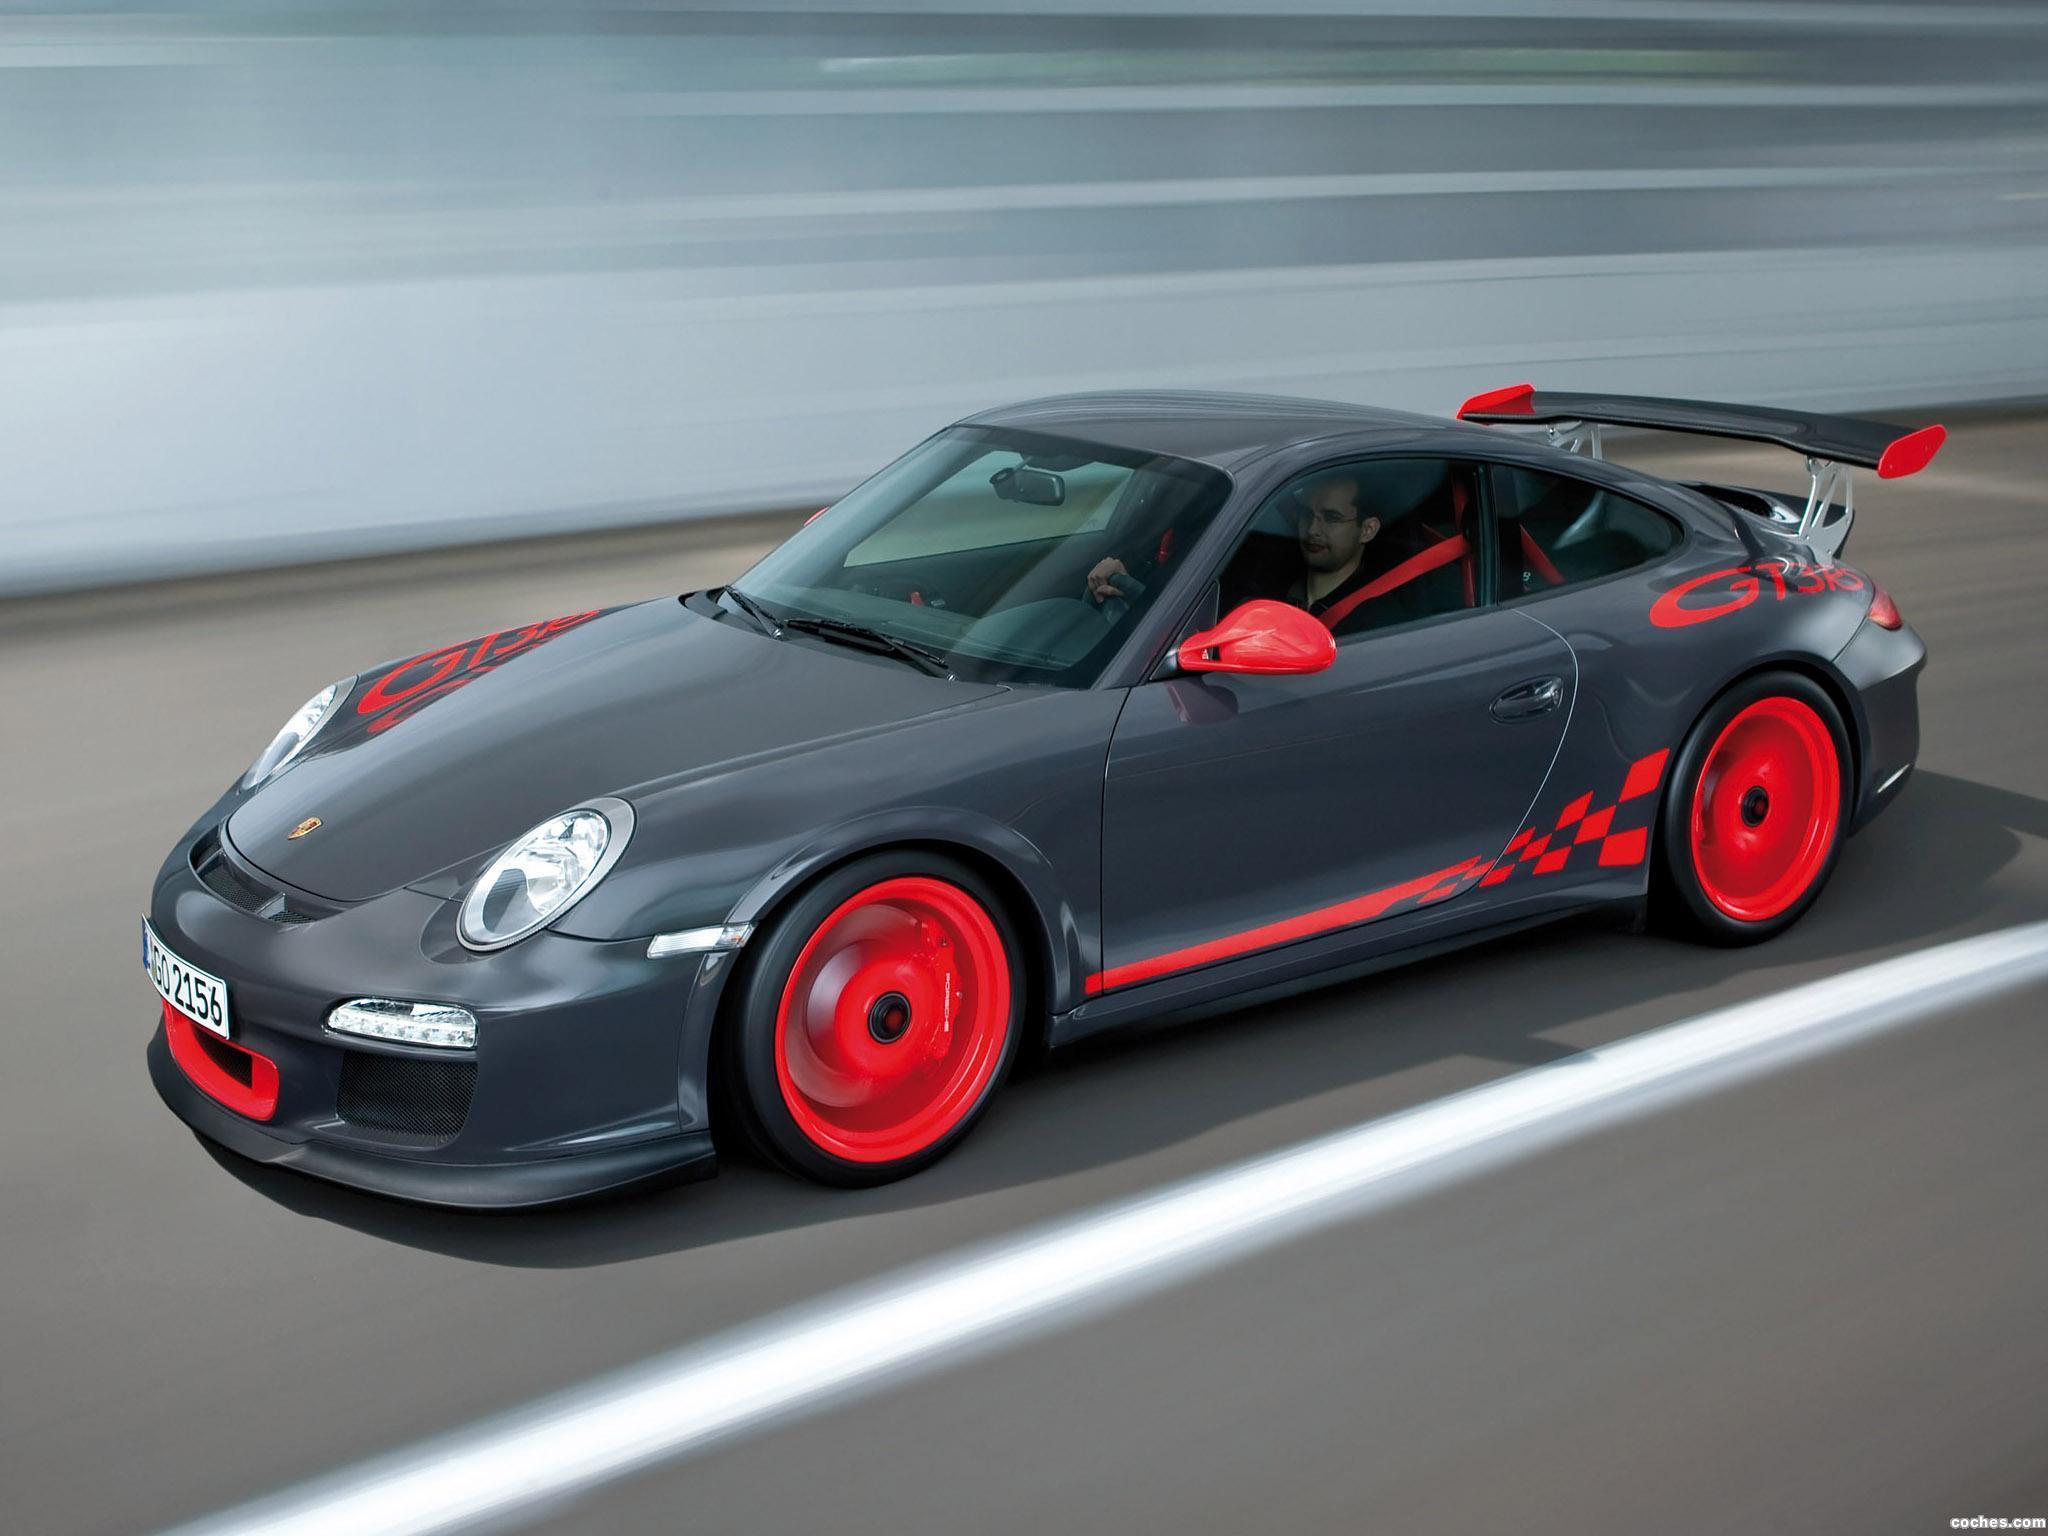 porsche 911 gt3 rs 2009 r15 Porsche 911 GT3 RS 997